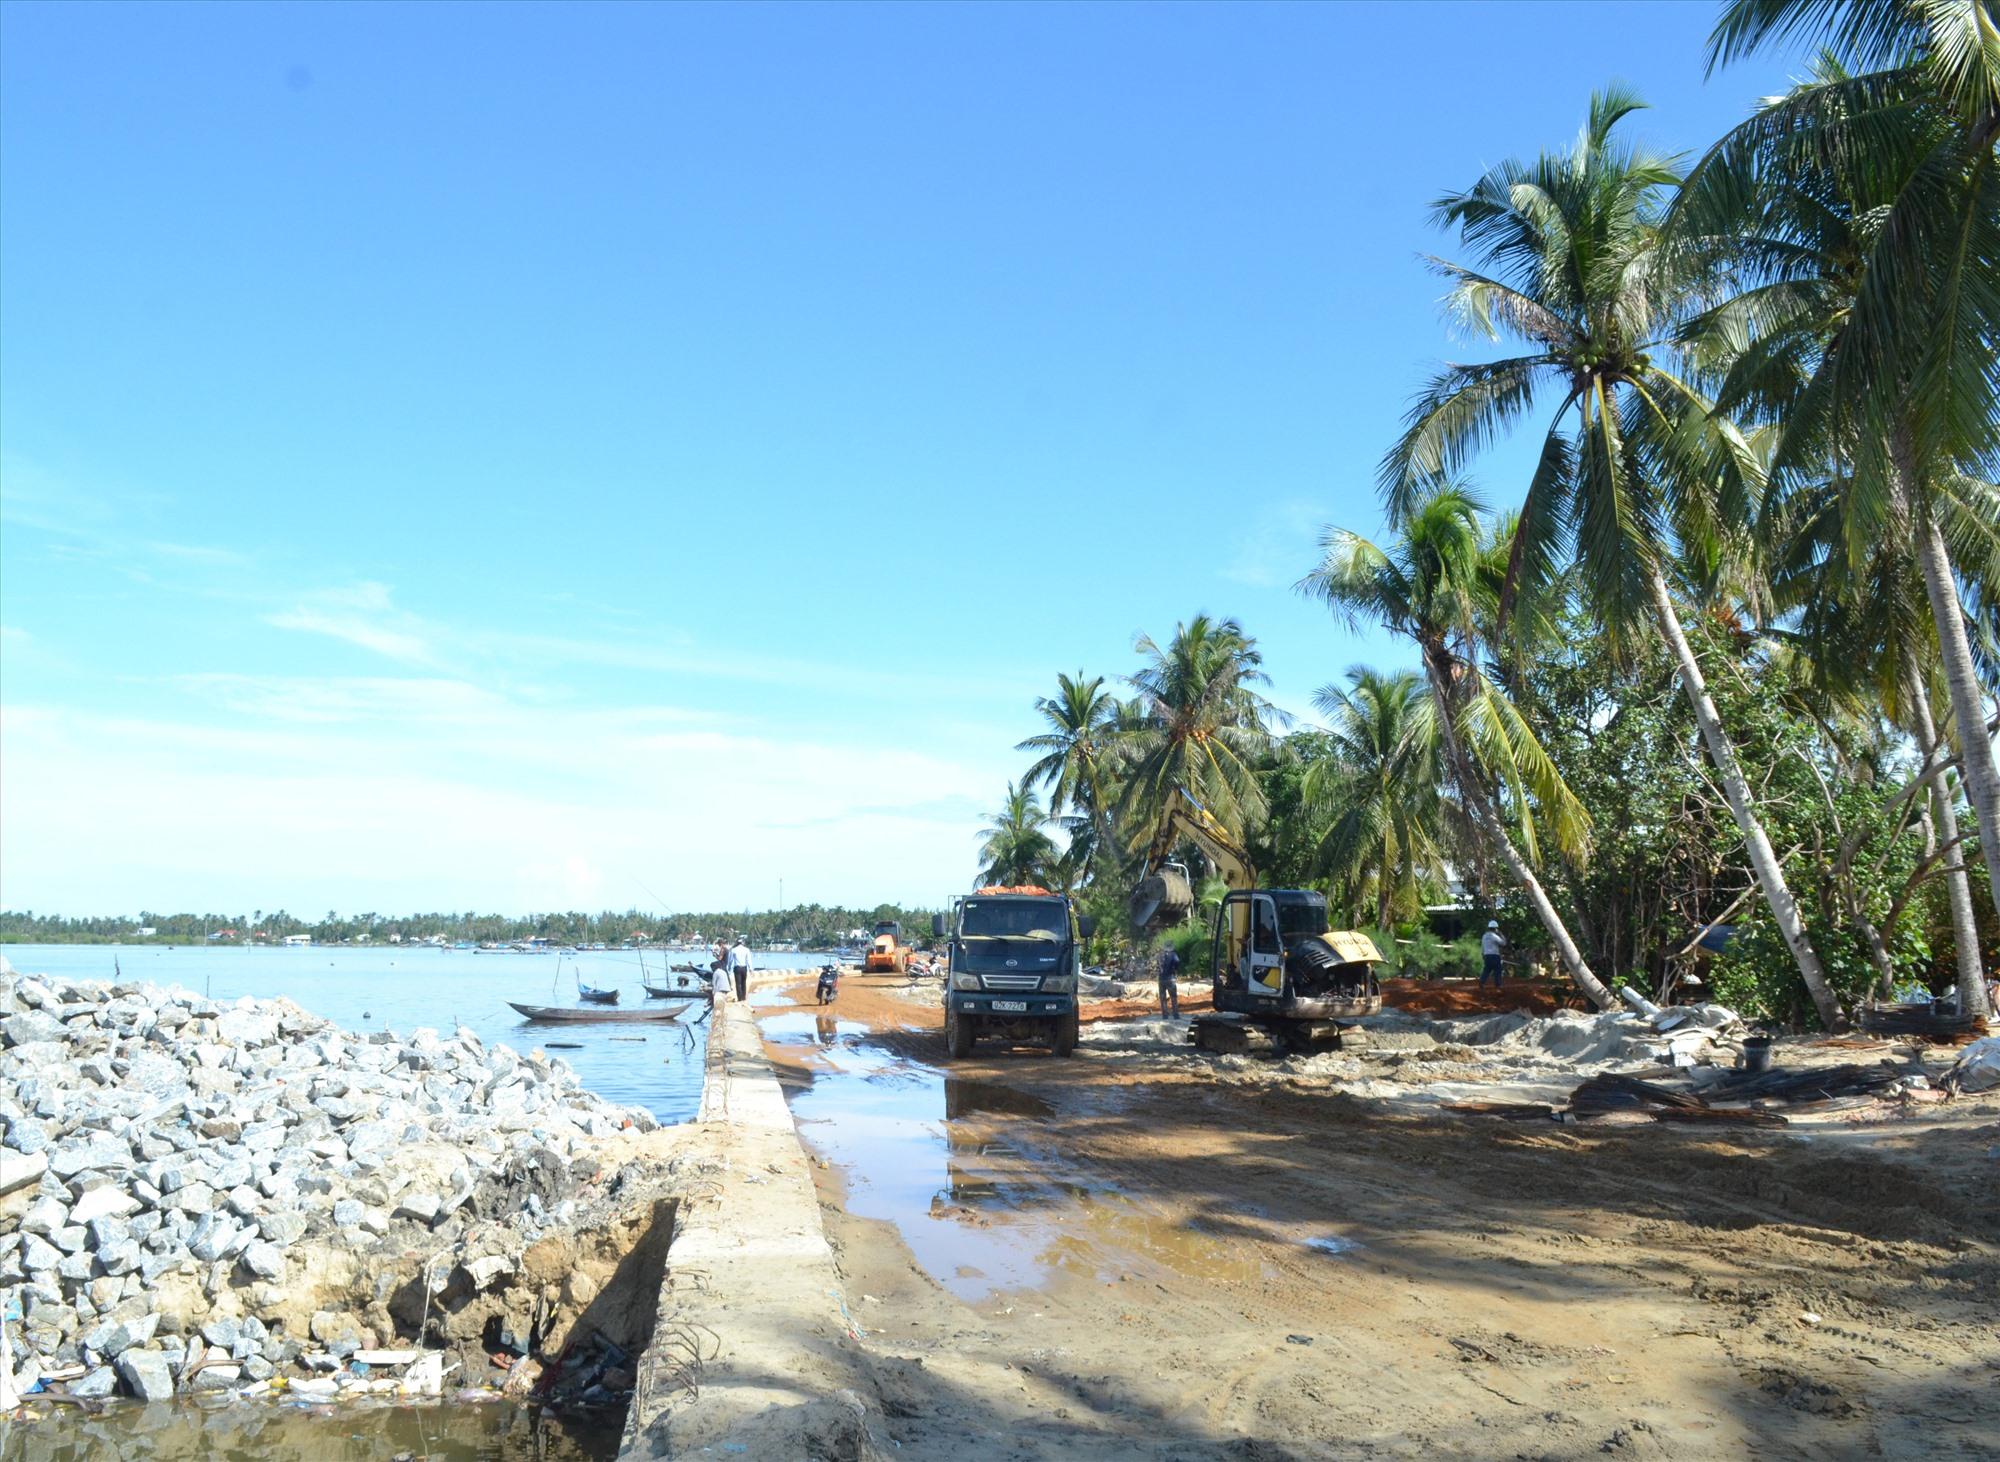 Giai đoạn 4 dự án chống xói lở khẩn cấp và bảo vệ bờ biển xã đảo Tam Hải sắp hoàn thành, đưa vào sử dụng. Ảnh: VIỆT NGUYỄN